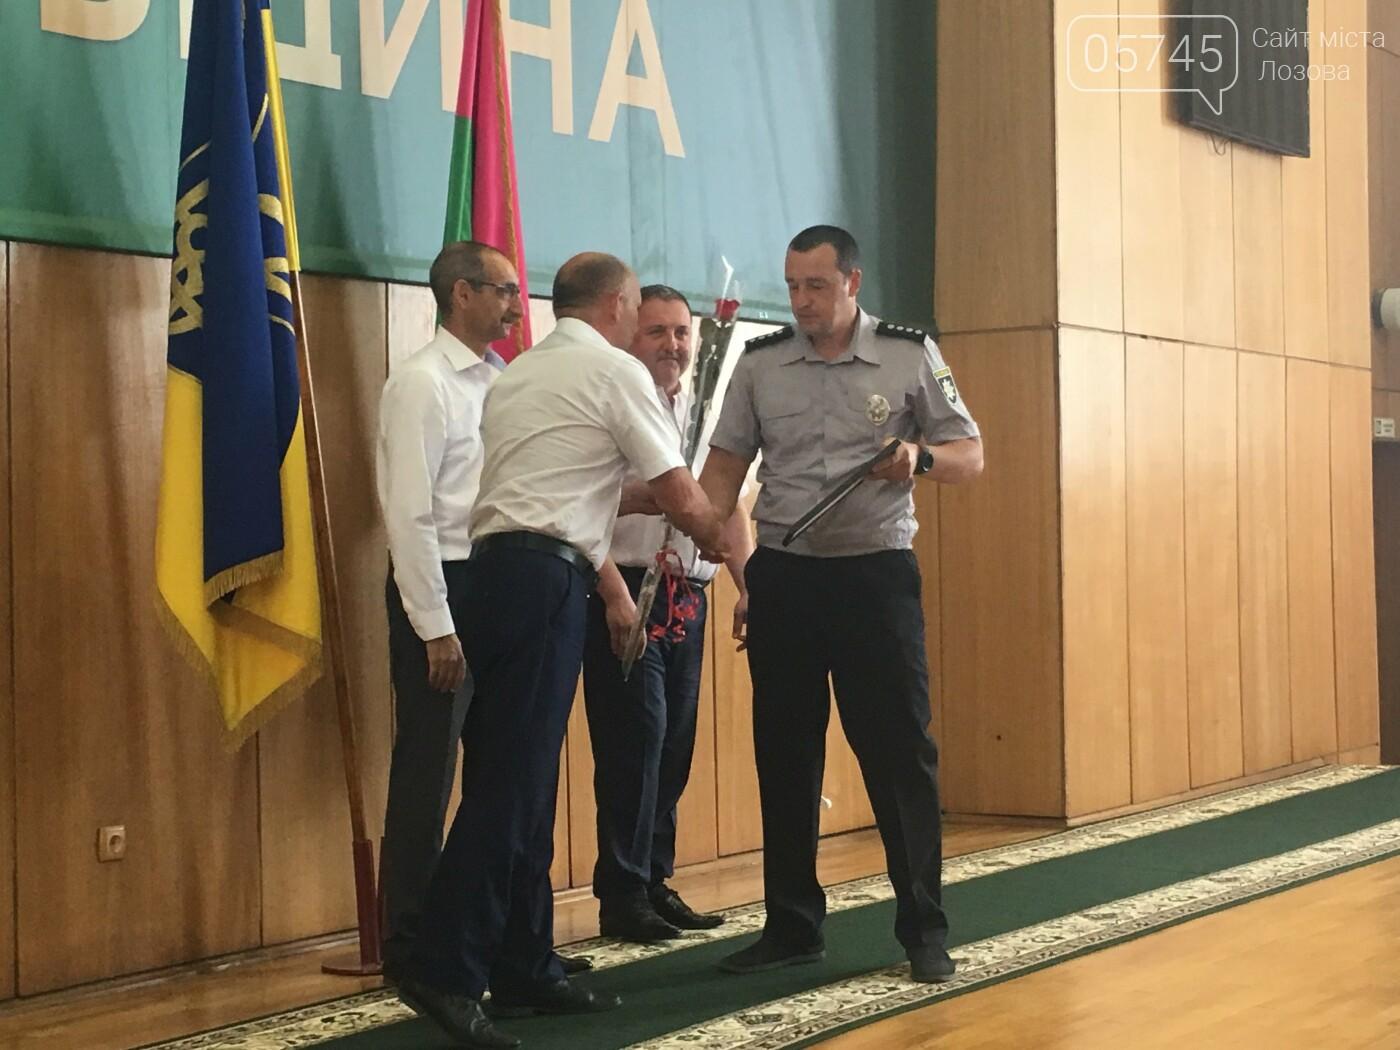 В Лозовой поздравили полицейских с профессиональным праздником, фото-8